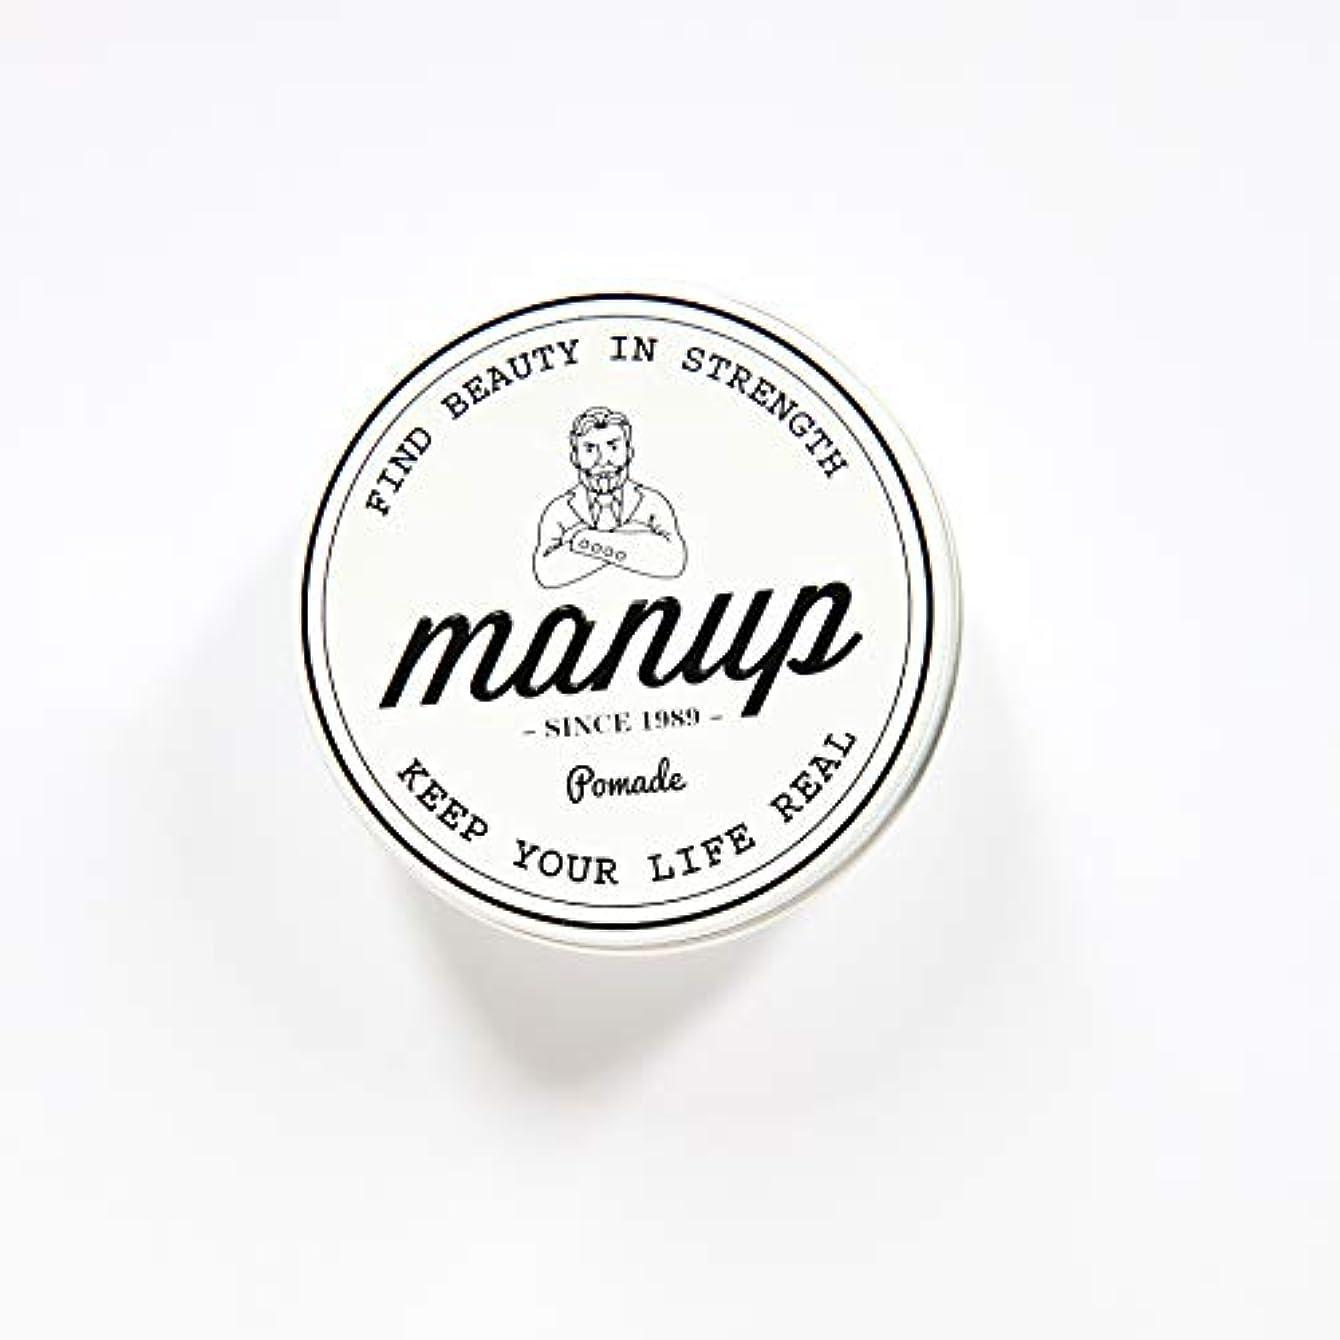 美容師構築する評論家MANUP(マンアップ)FIND BEAUTY IN STRENGTH 100g 水性ポマード 整髪料